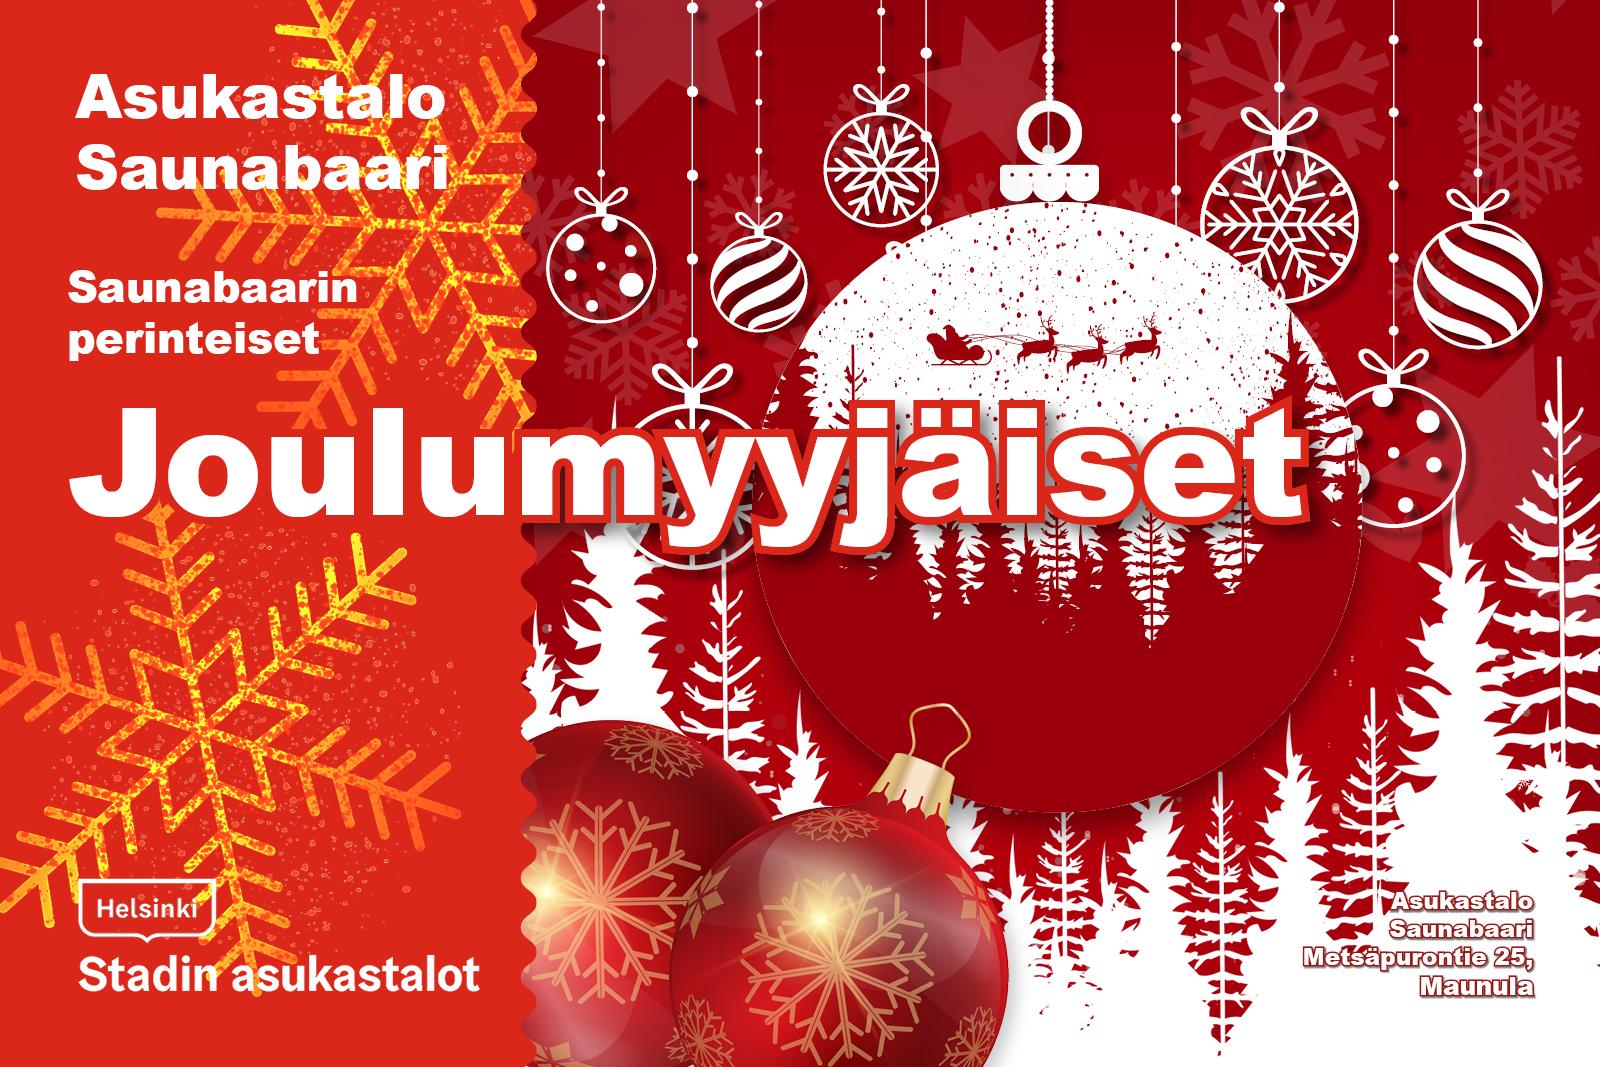 Linkki tapahtumaan Saunabaarin perinteiset Joulumyyjäiset